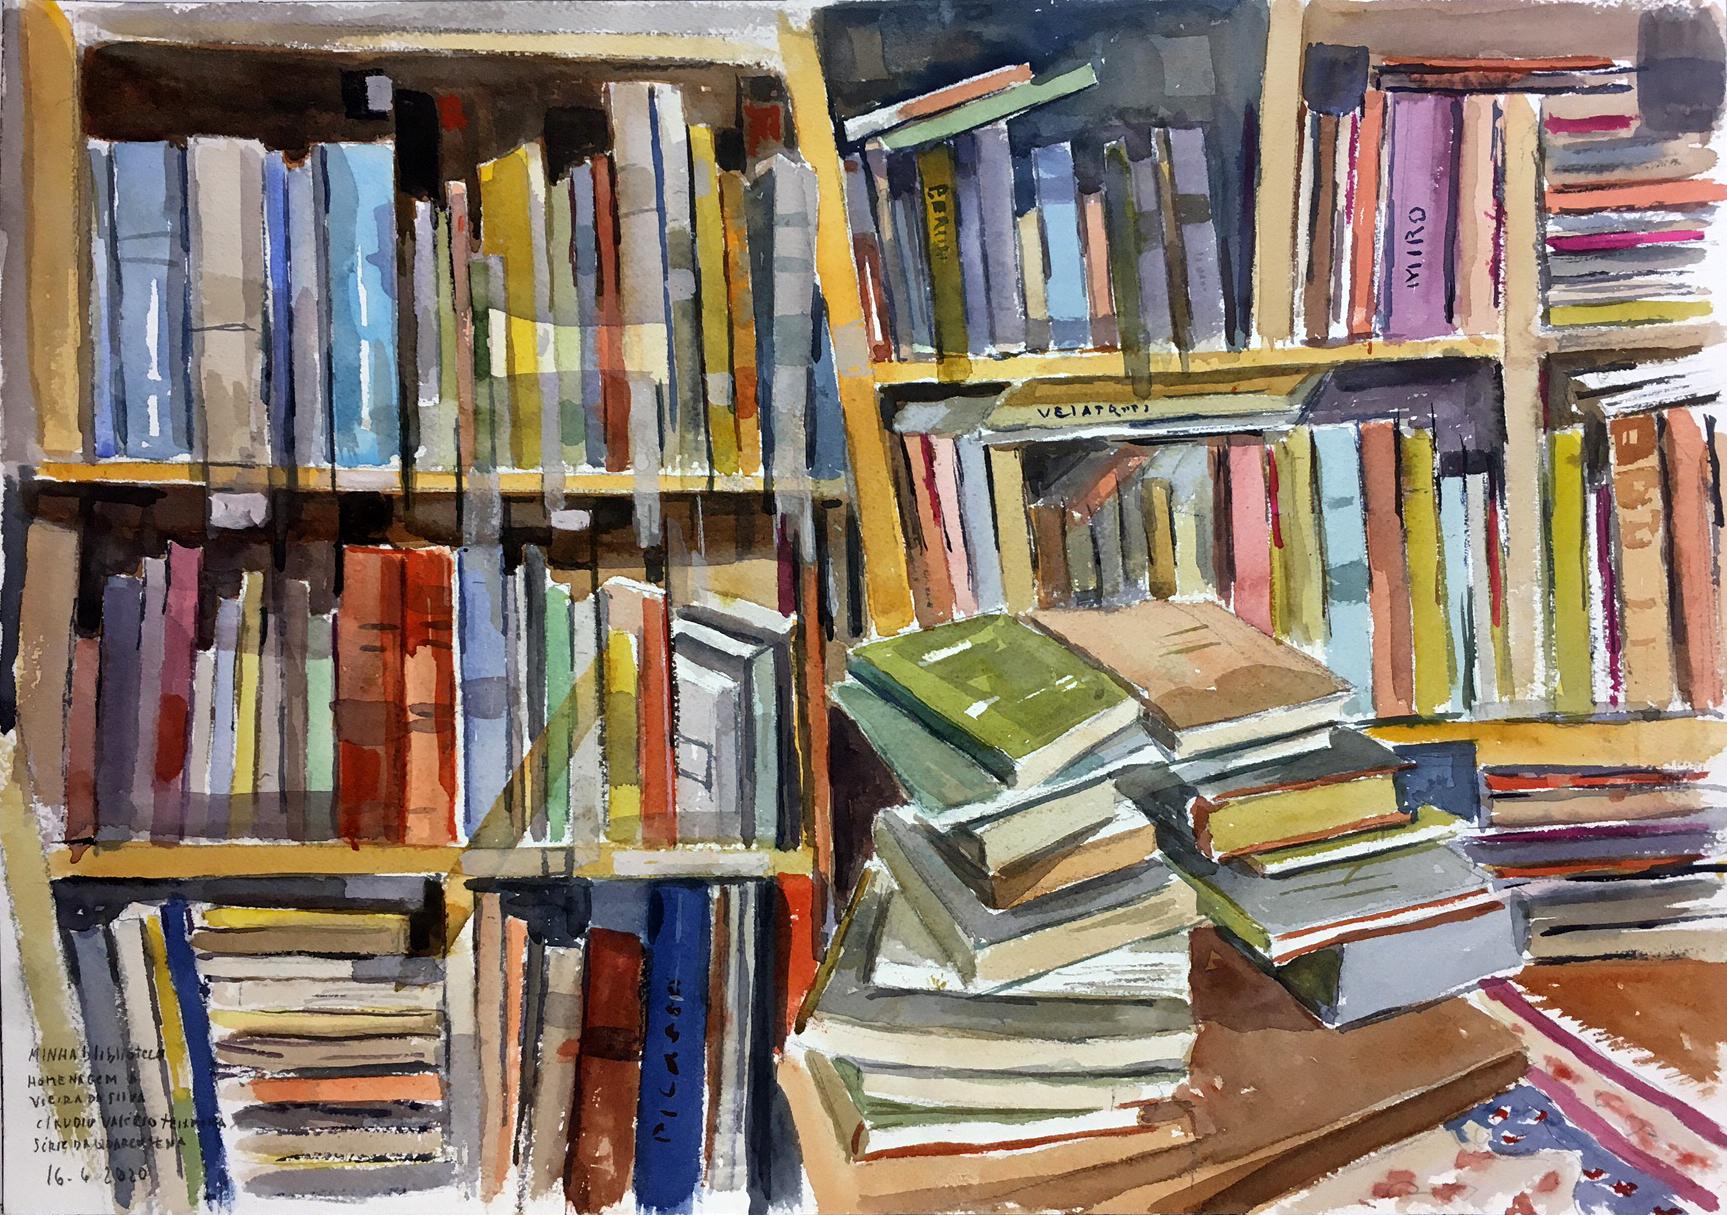 Pintura em aquarela mostra um biblioteca, com livros de diferentes cores e tamanhos